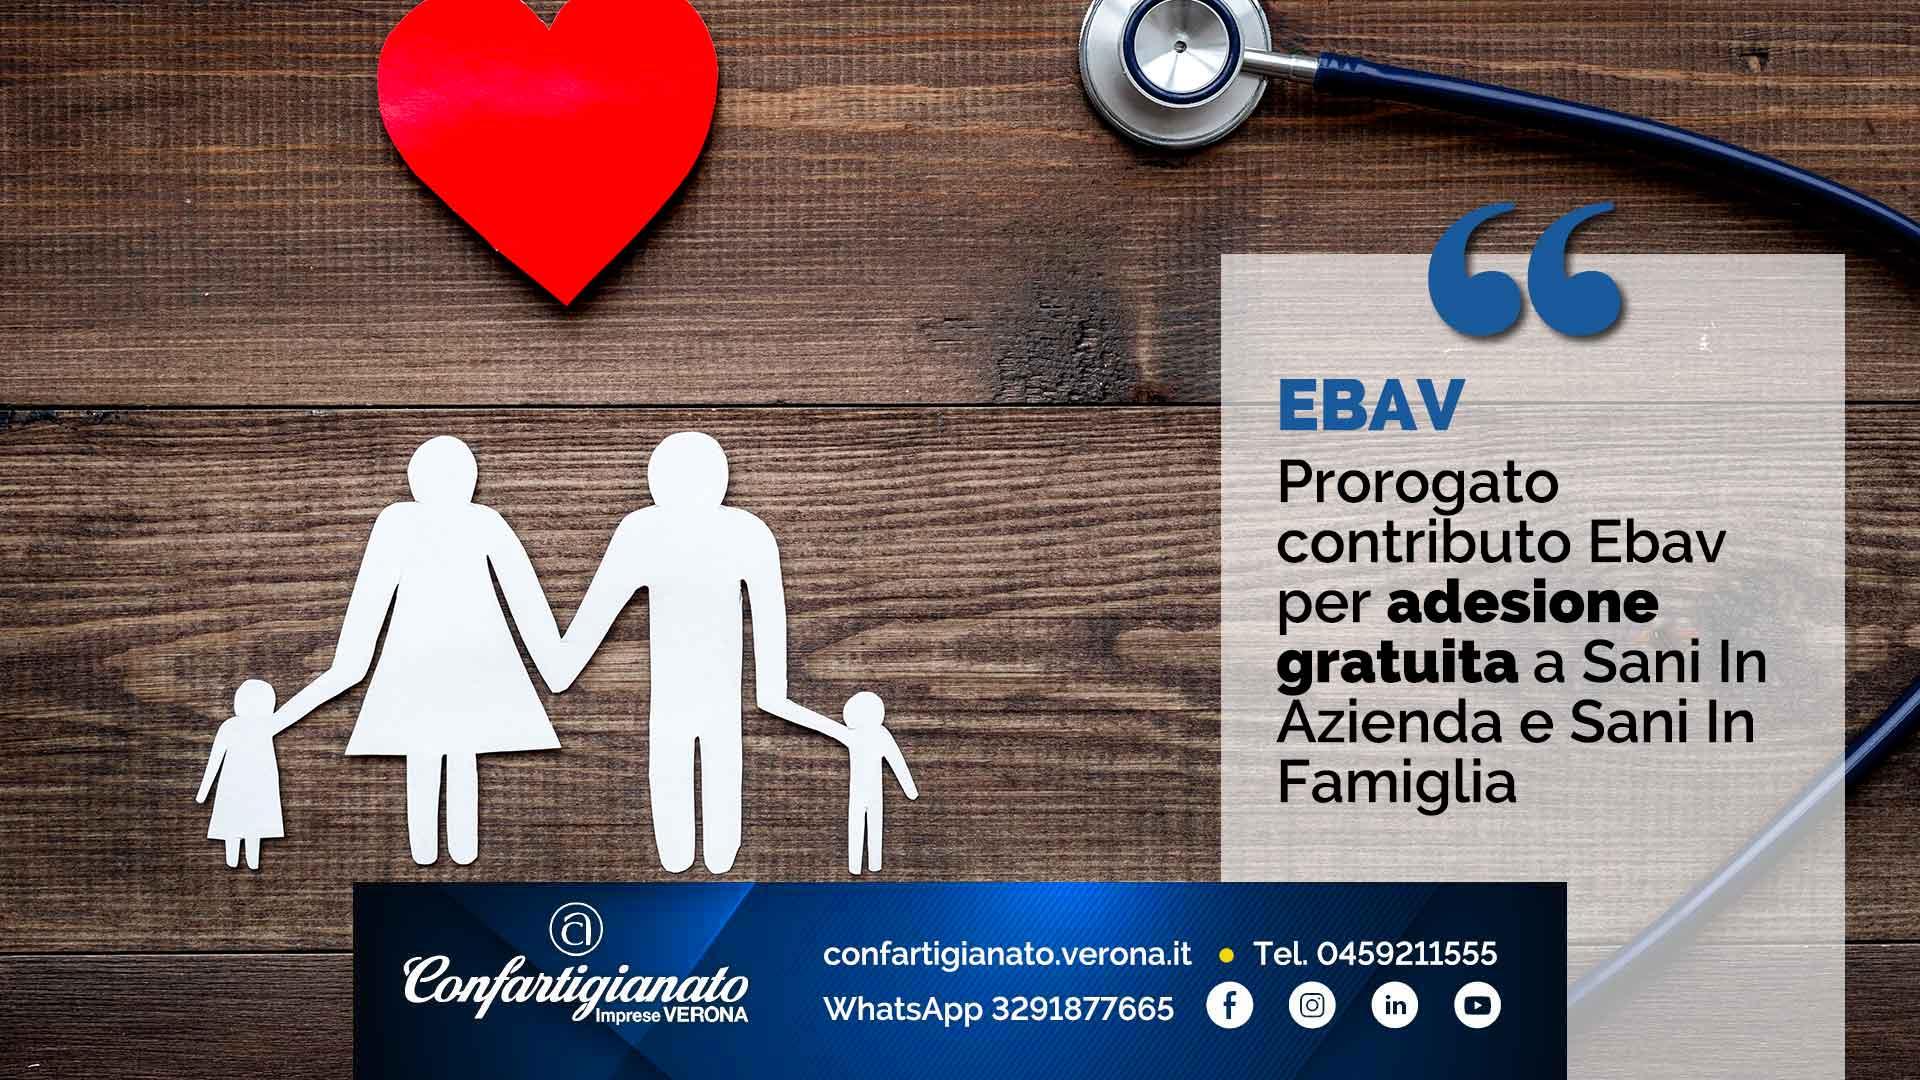 EBAV – Prorogato contributo Ebav per adesione gratuita a Sani In Azienda e Sani In Famiglia